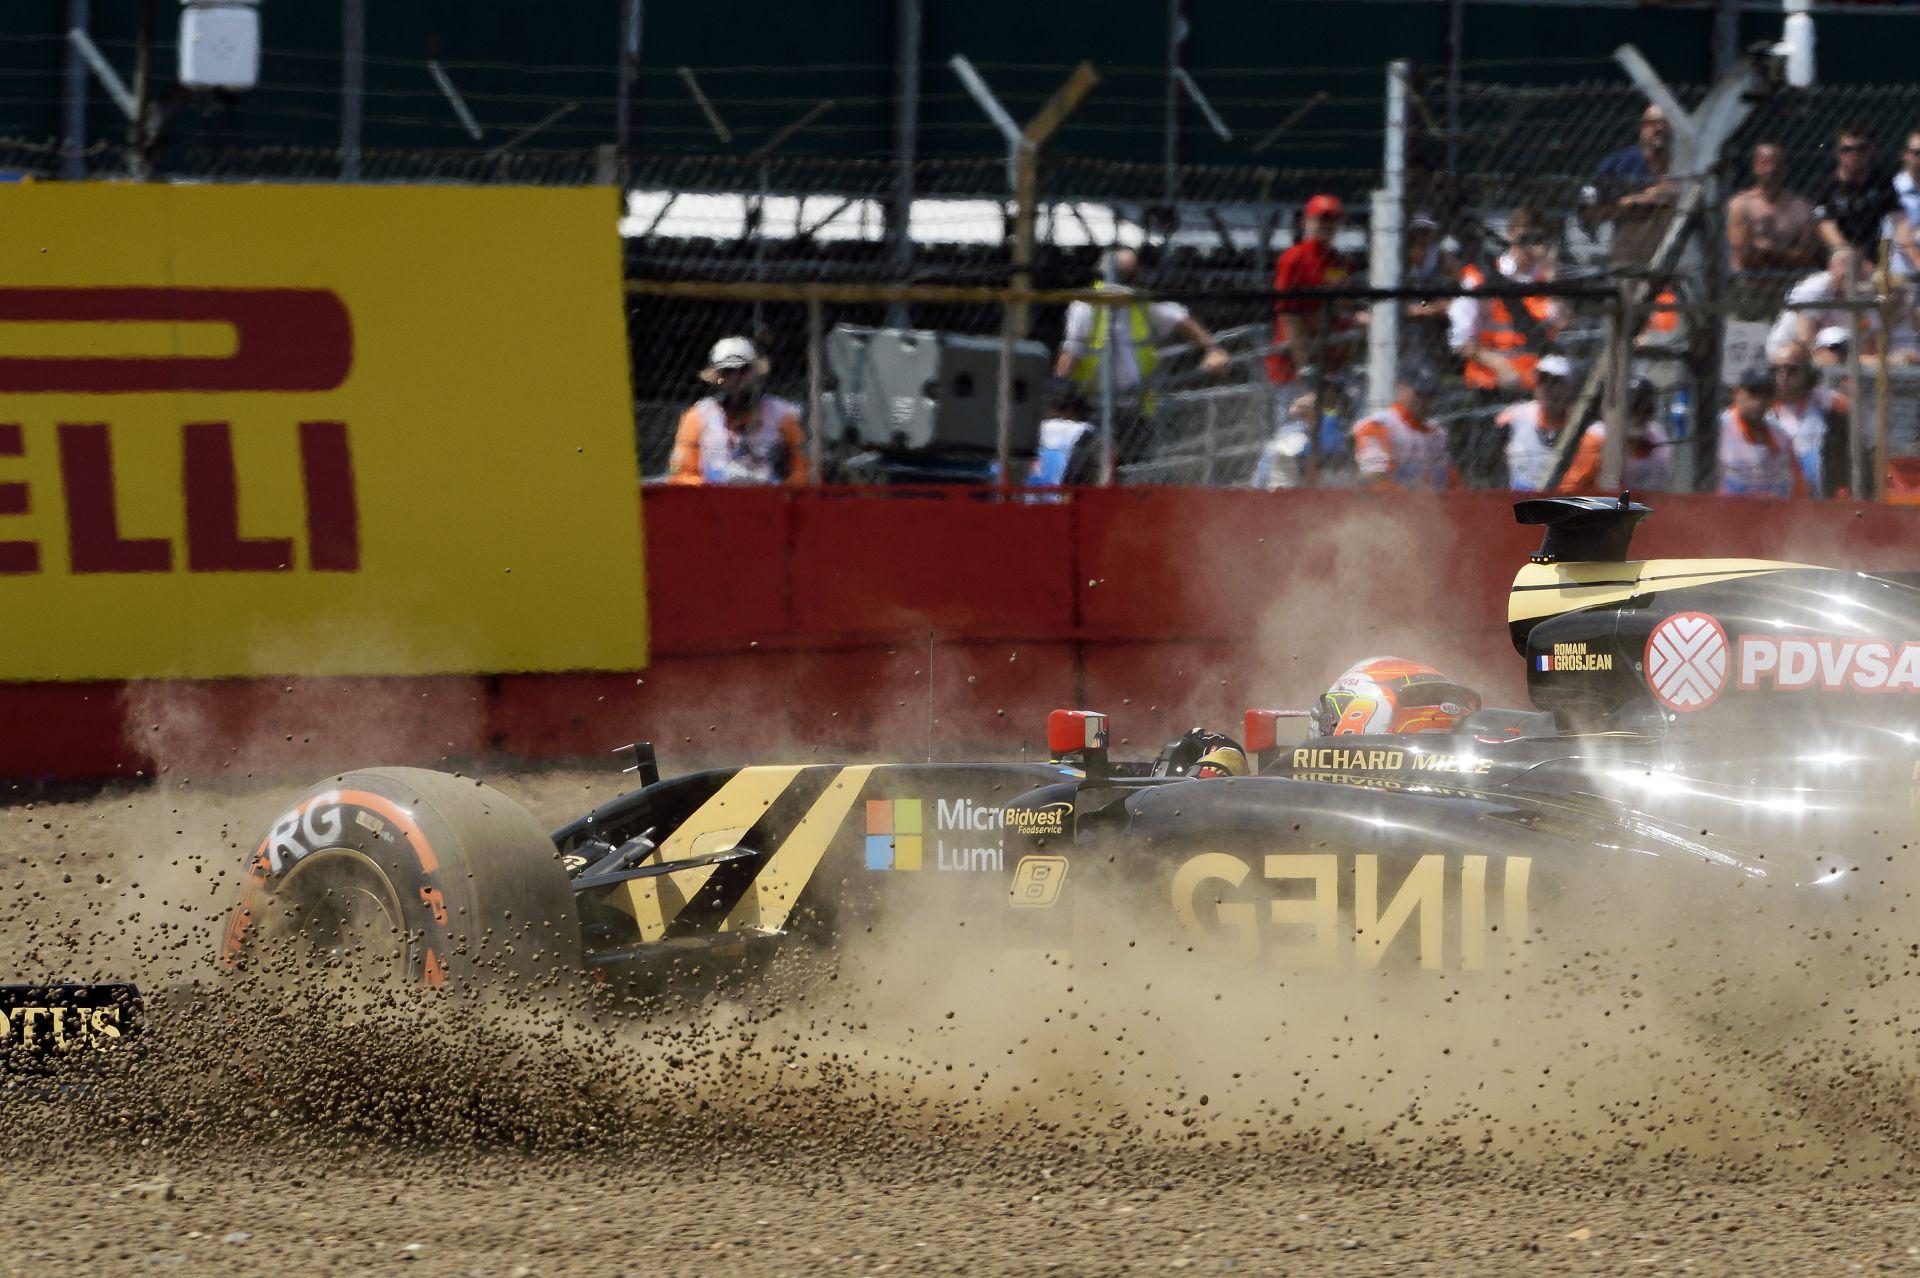 A Lotus komoly bajban lehet - a Renault lenne a megmentőjük?